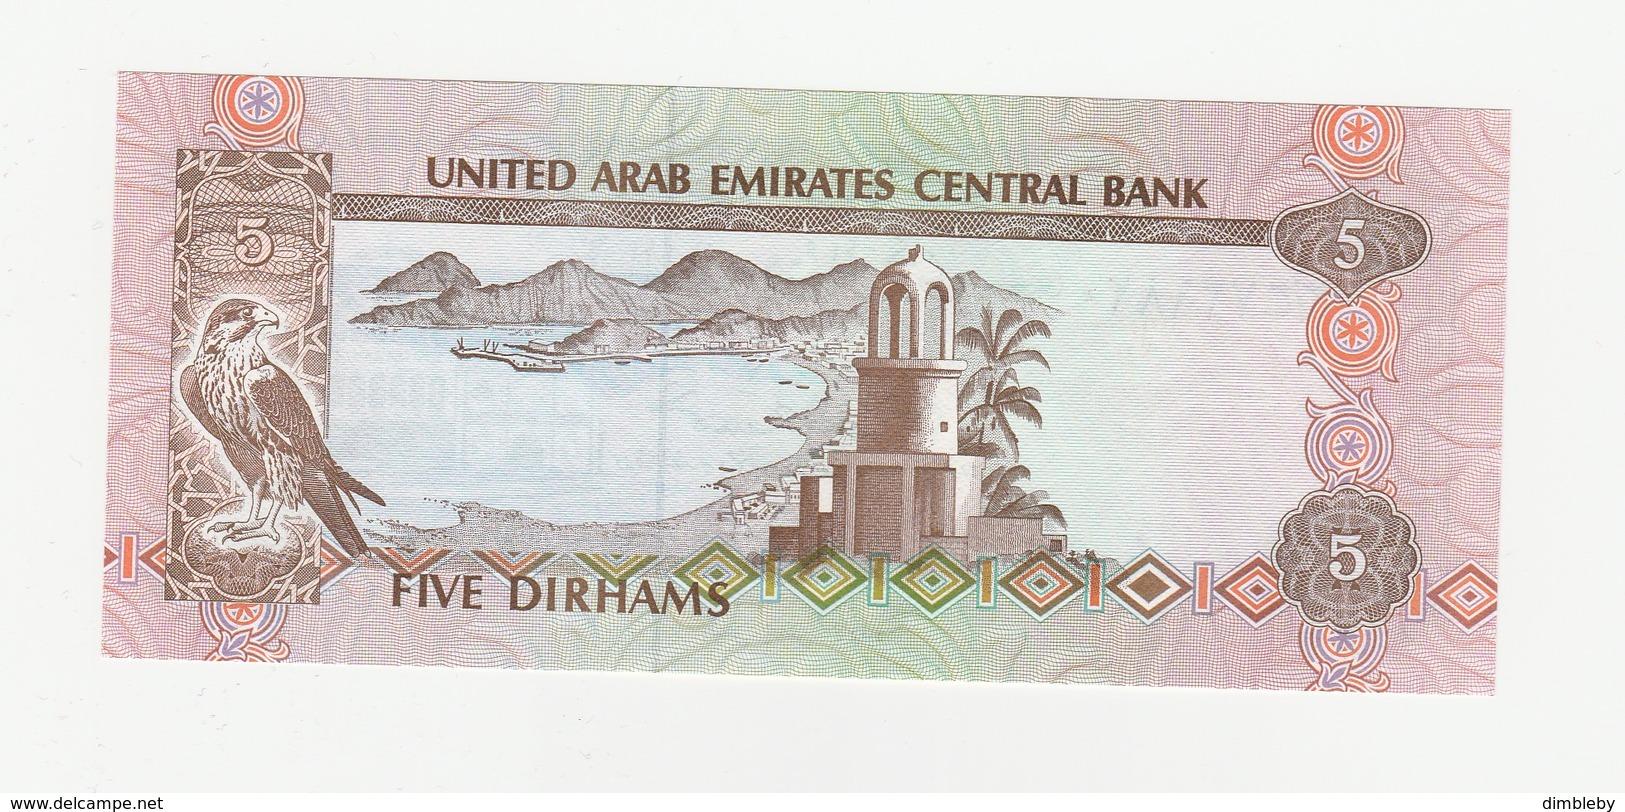 5 Dirhams UNZ - United Arab Emirates